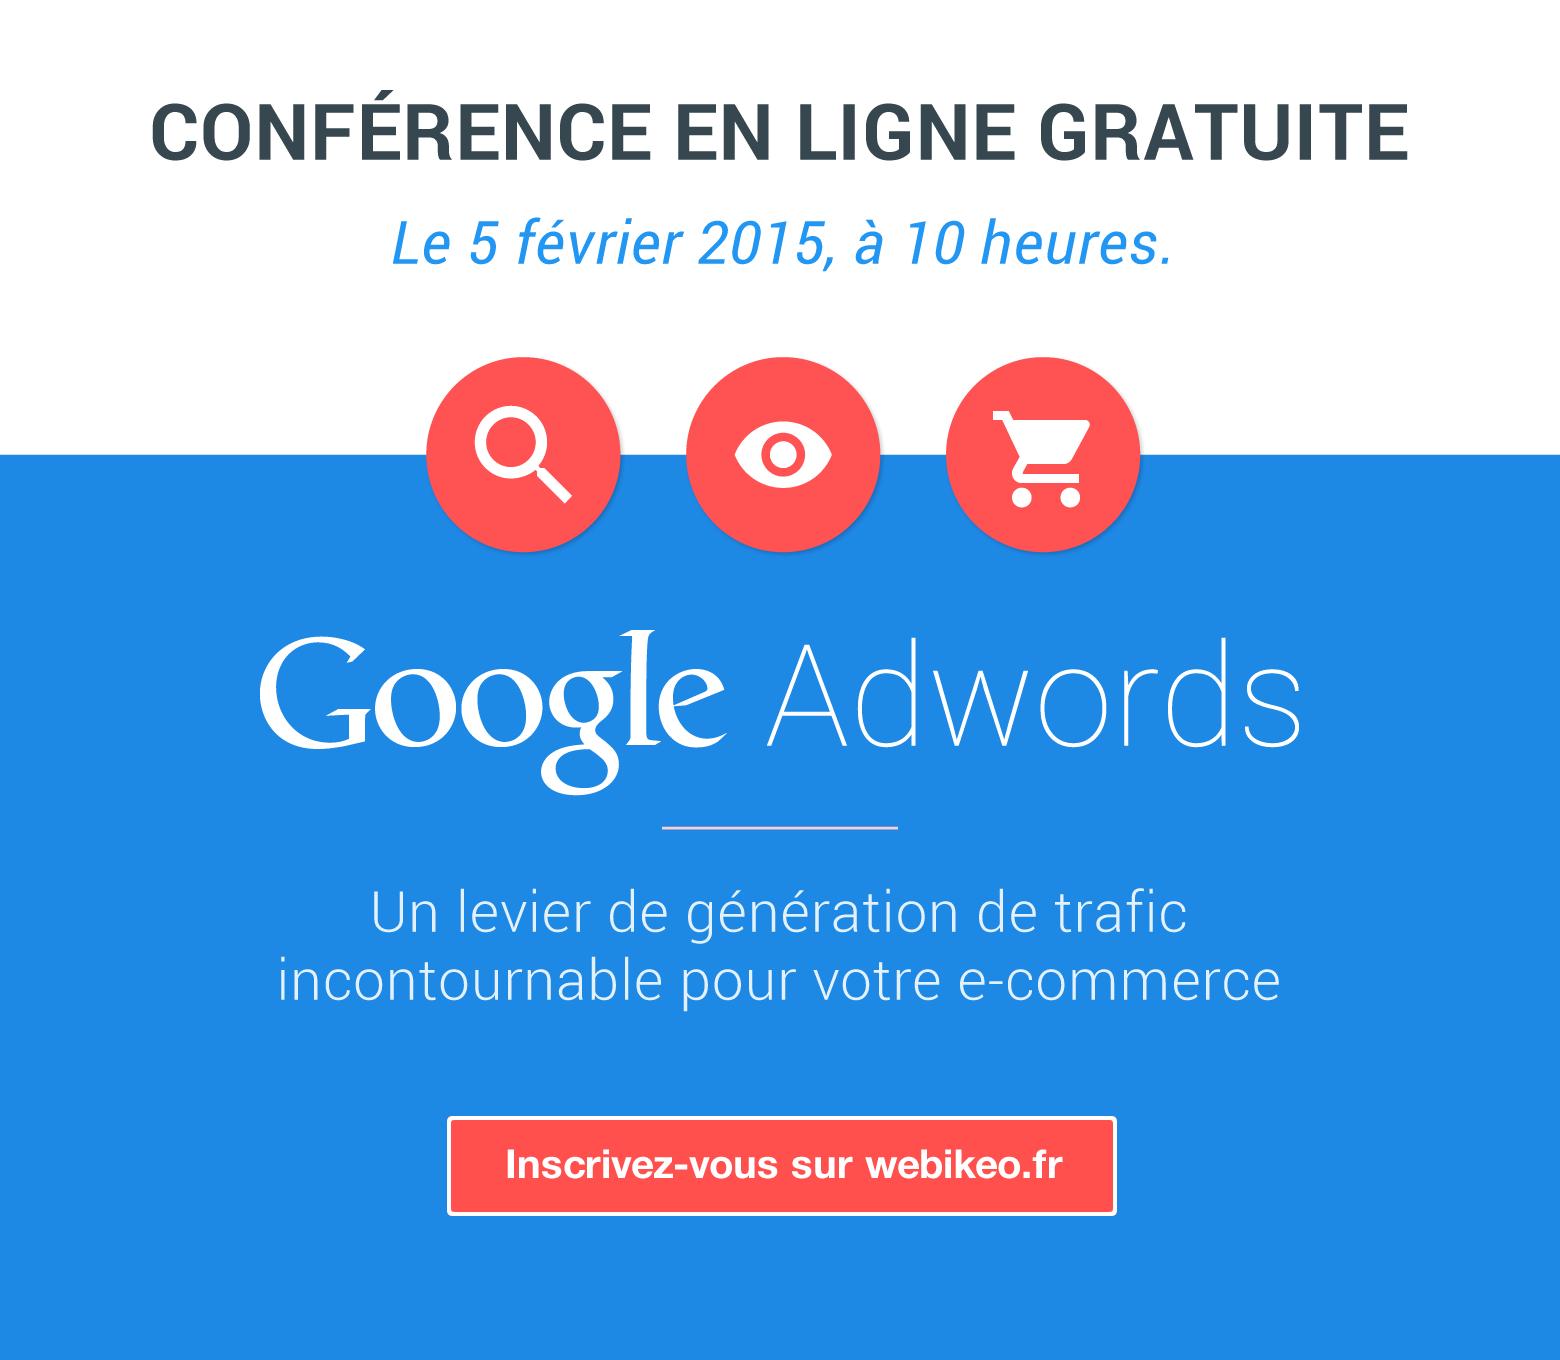 conférence en ligne gratuite Google Adwords